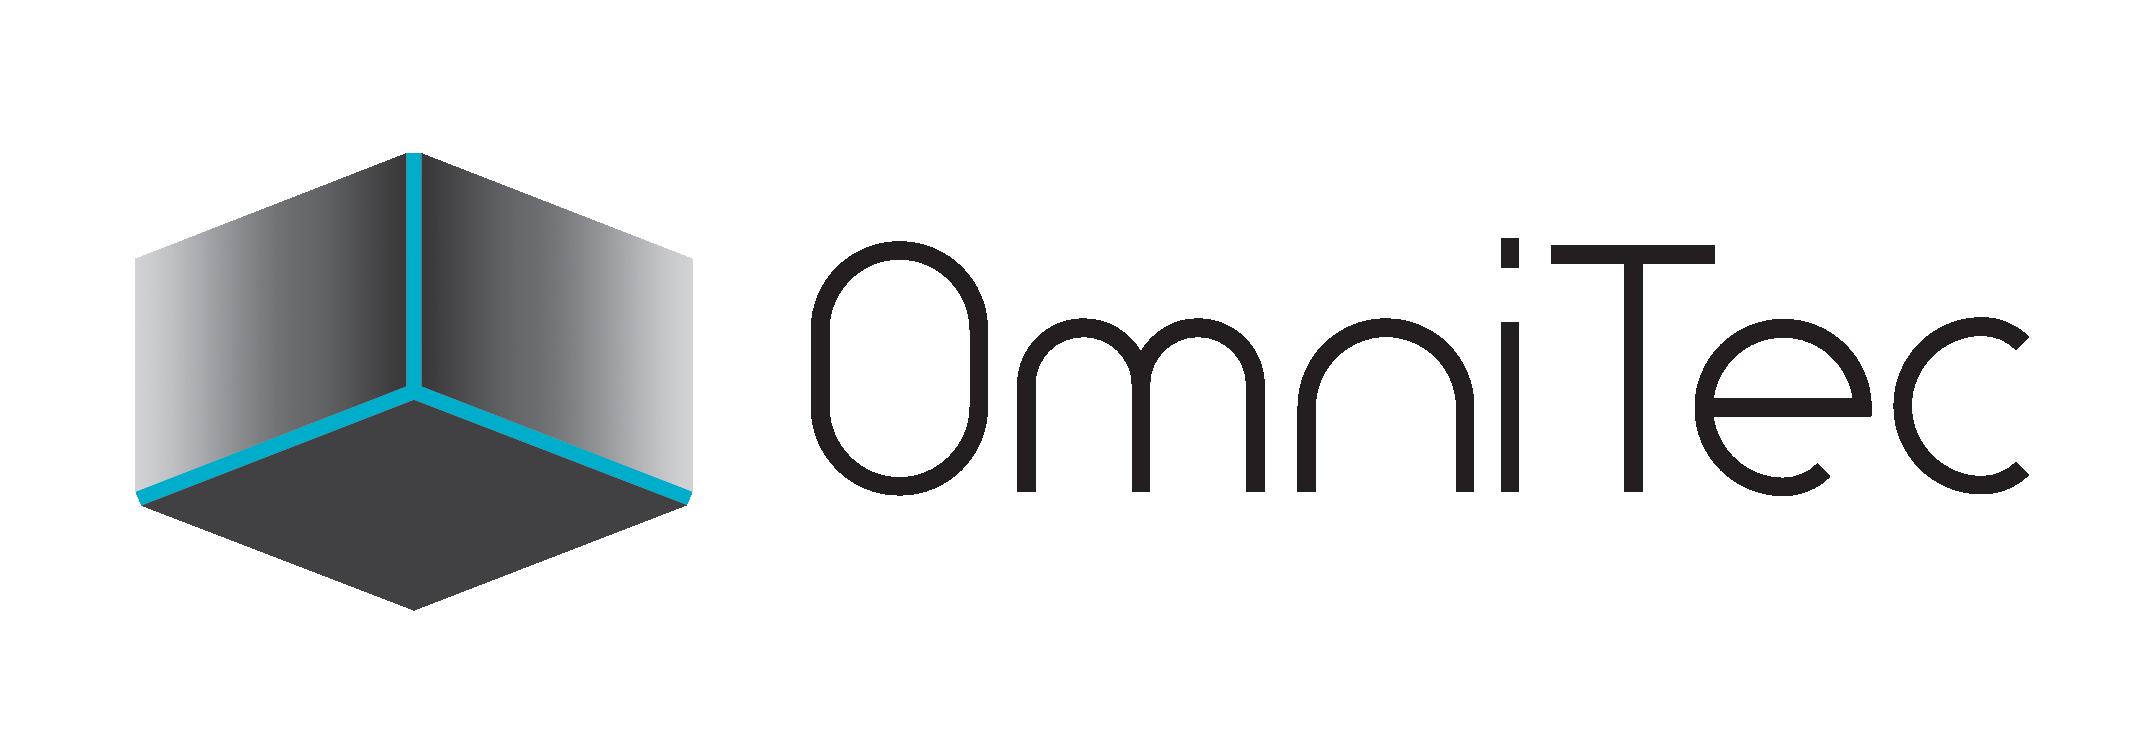 OmniTec